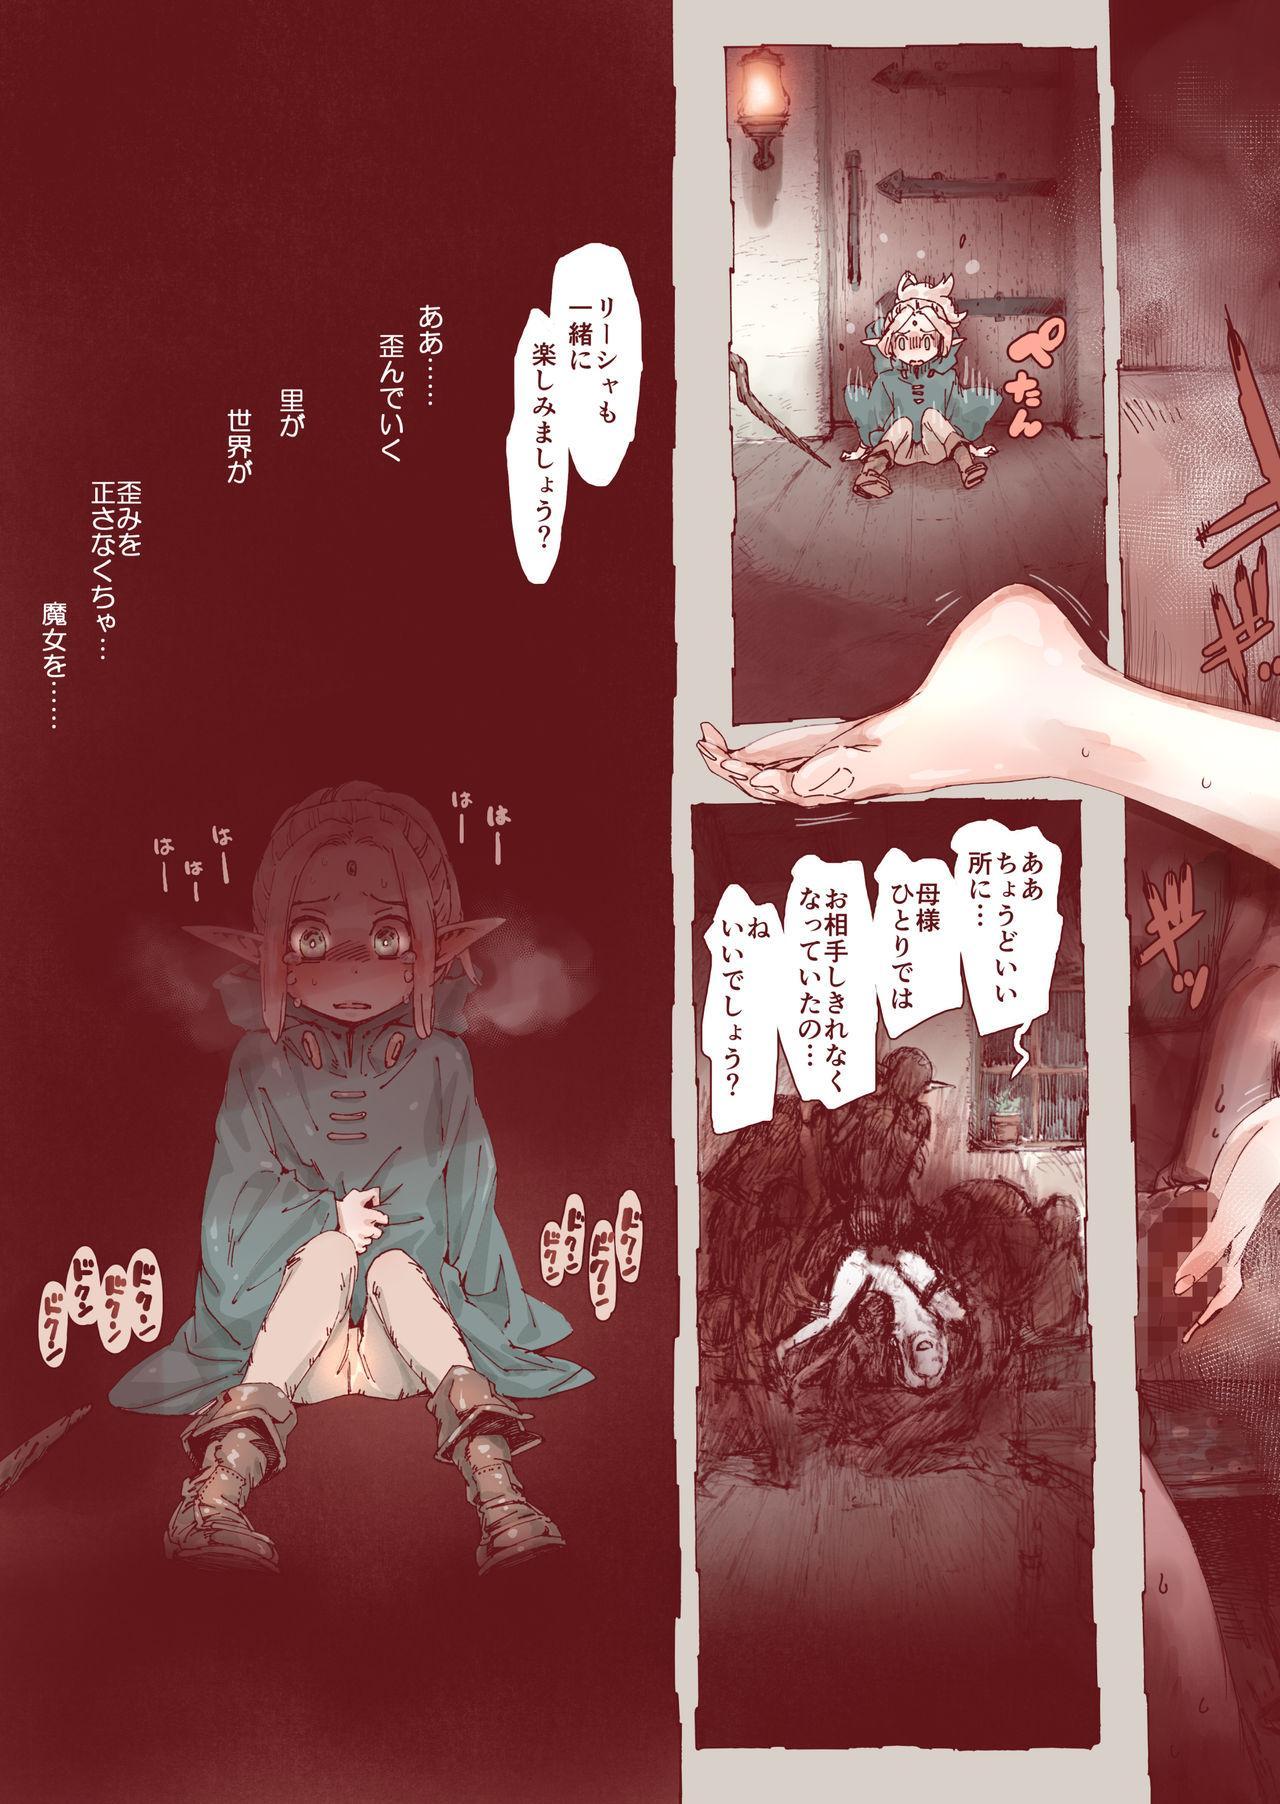 Daraku no Majo ~Shounen Yuusha to Tsurupeta Elf wa Ika ni Shite Majo ni Yabureta ka 32